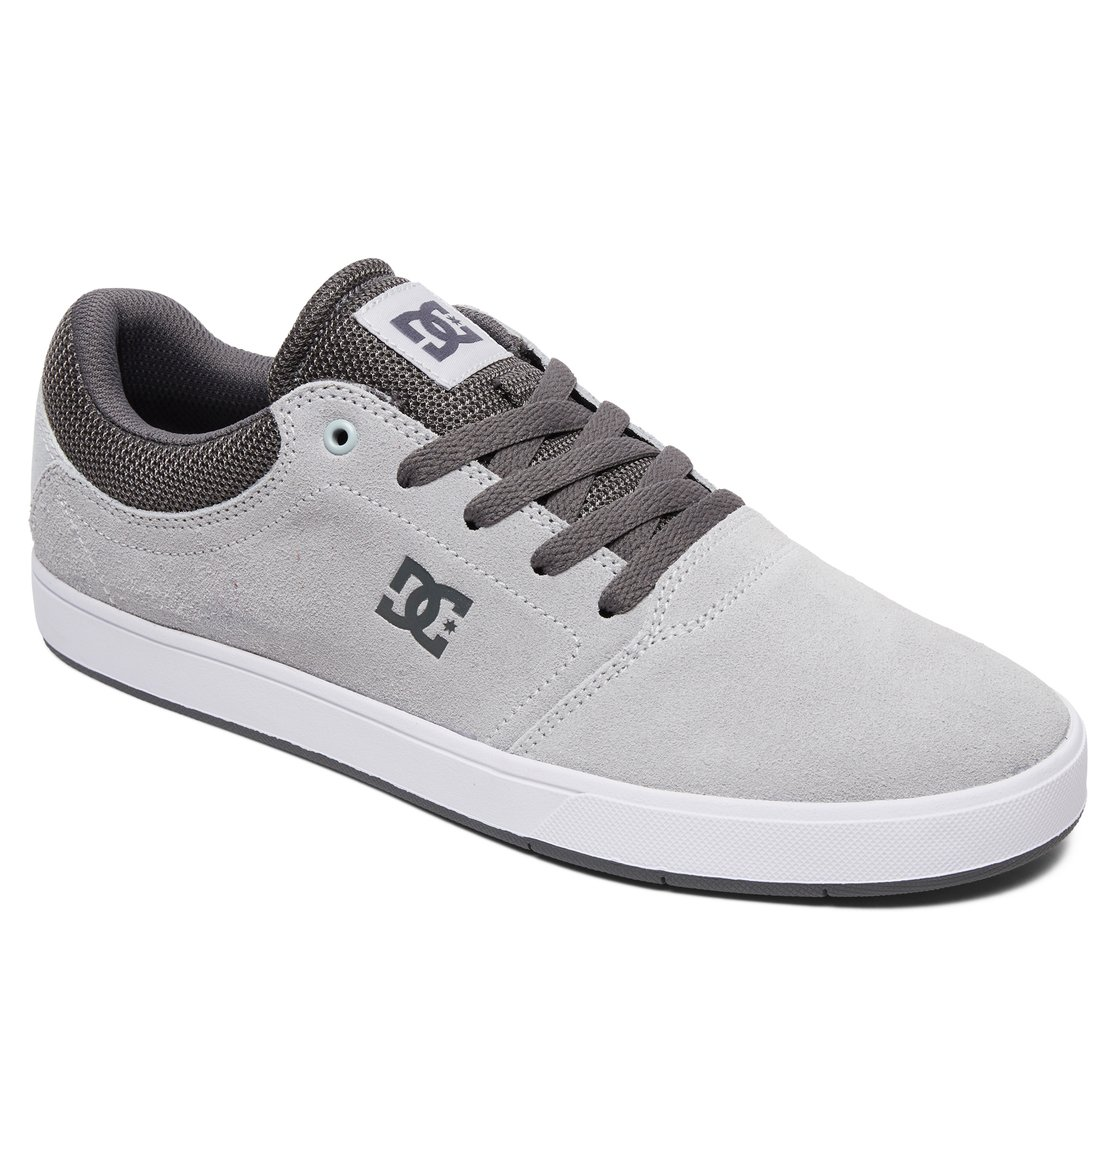 Schuhe für Männer ADYS100029 DC Shoes™ Crisis